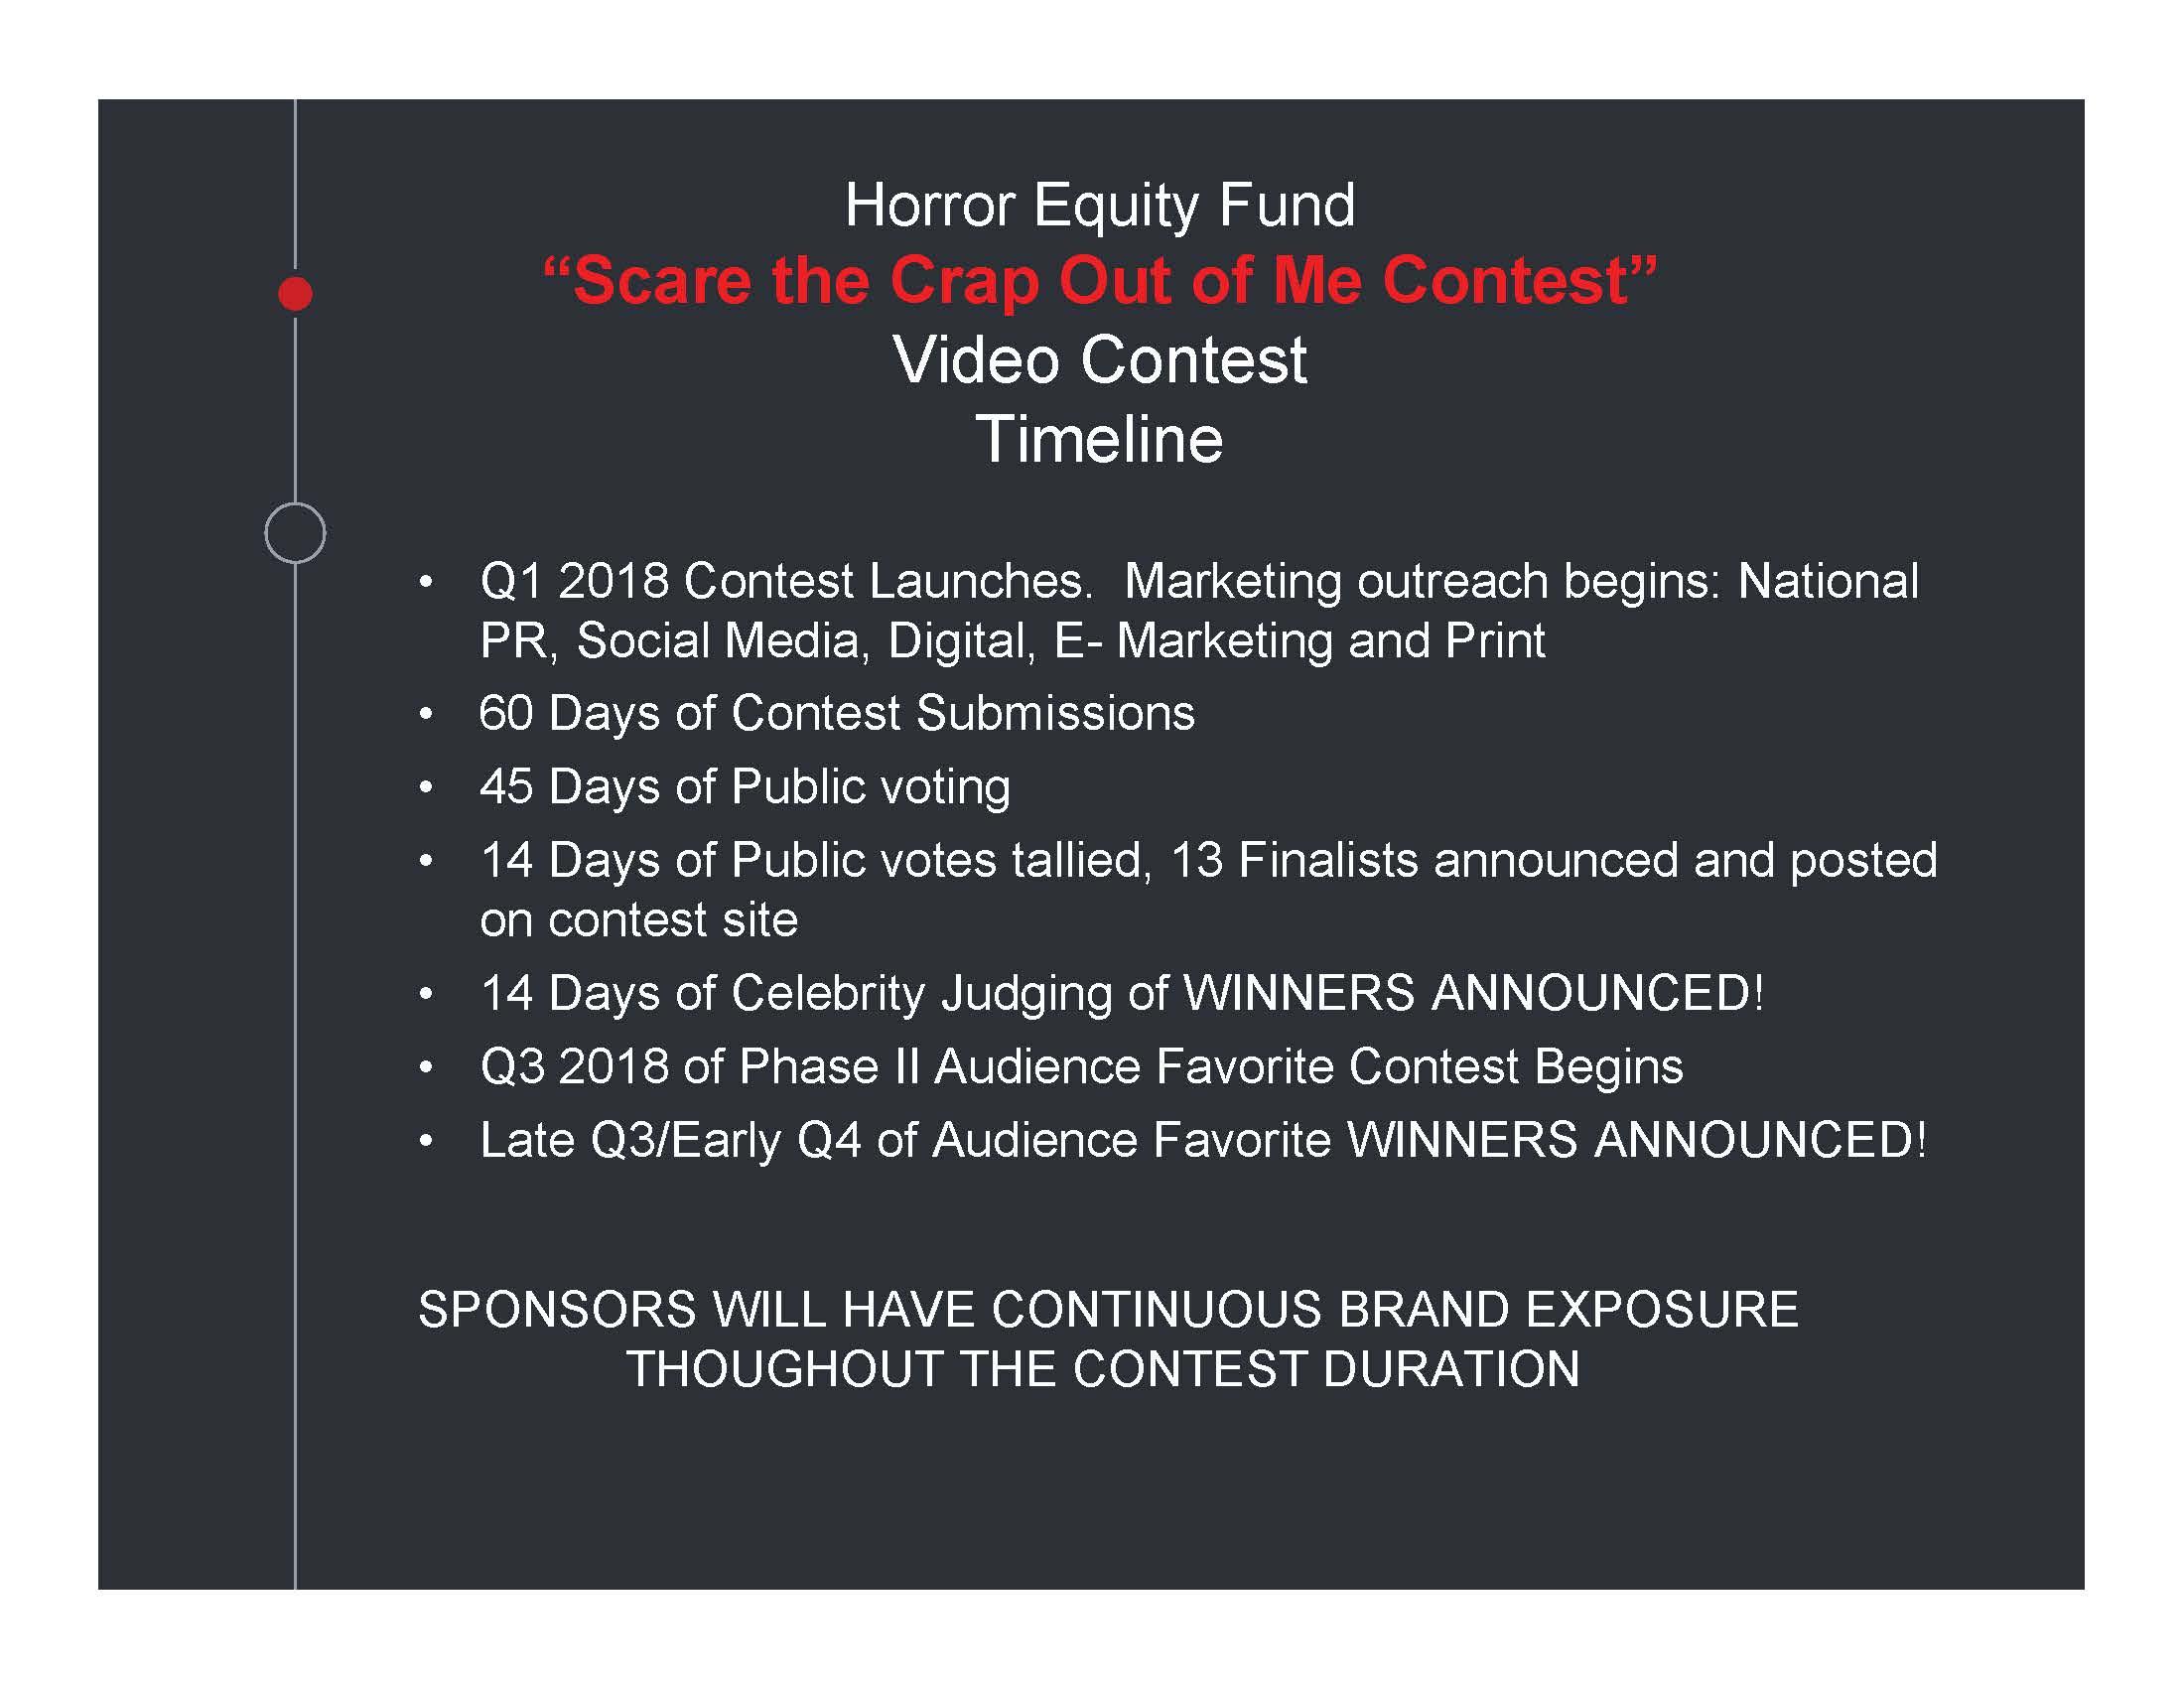 REVISED V21 -HorrorEquityFund 1 Min Sponsor Pitch Deck FINAL 2017 TIMELINE.jpg